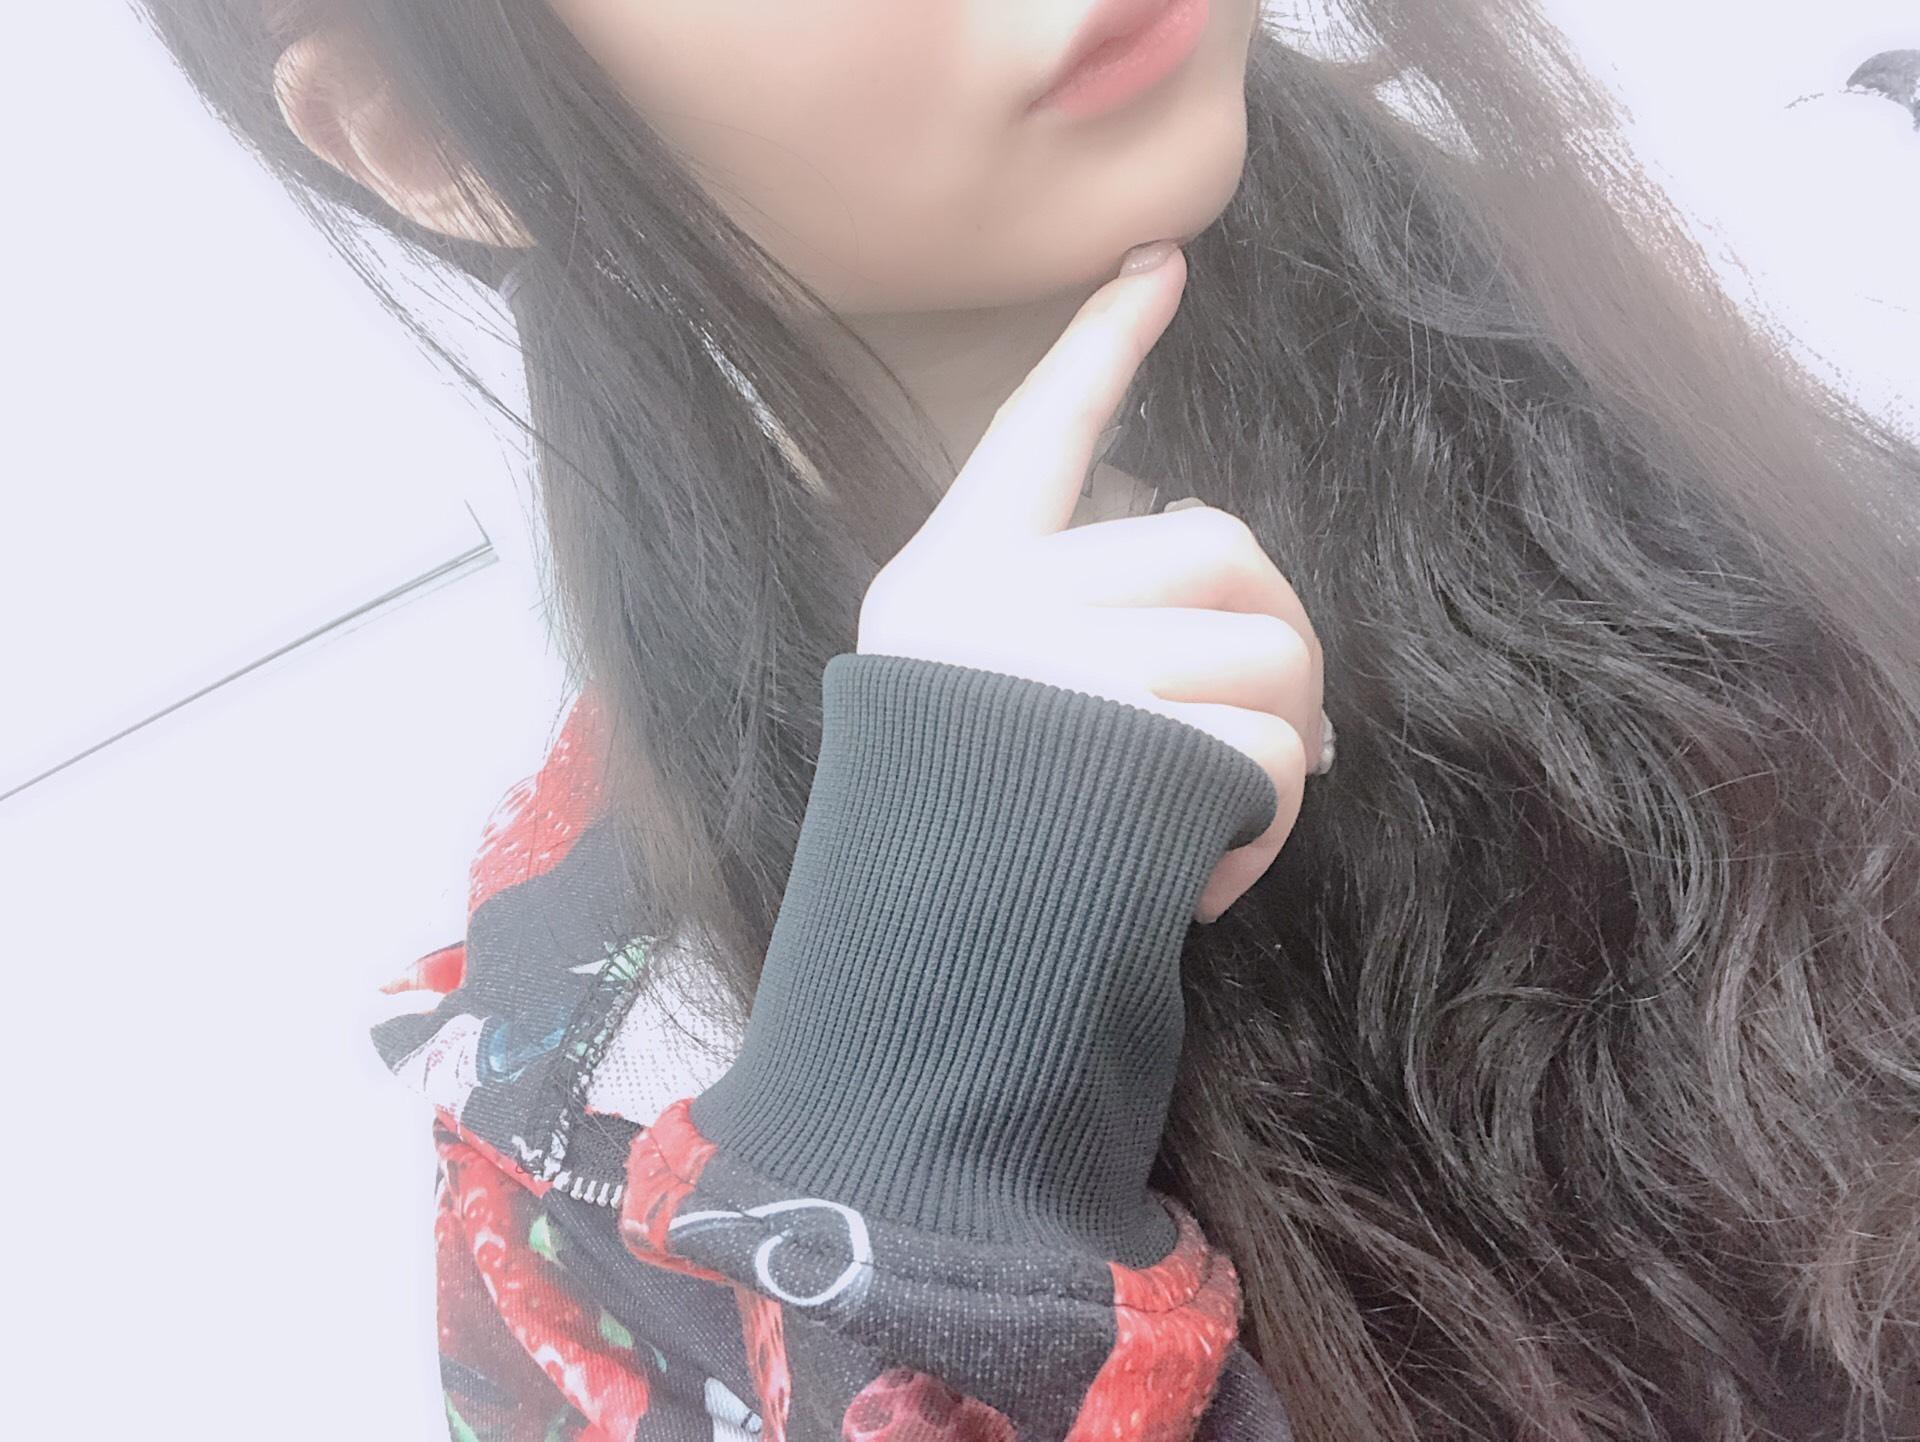 さな「Re: お礼」09/20(木) 02:26 | さなの写メ・風俗動画